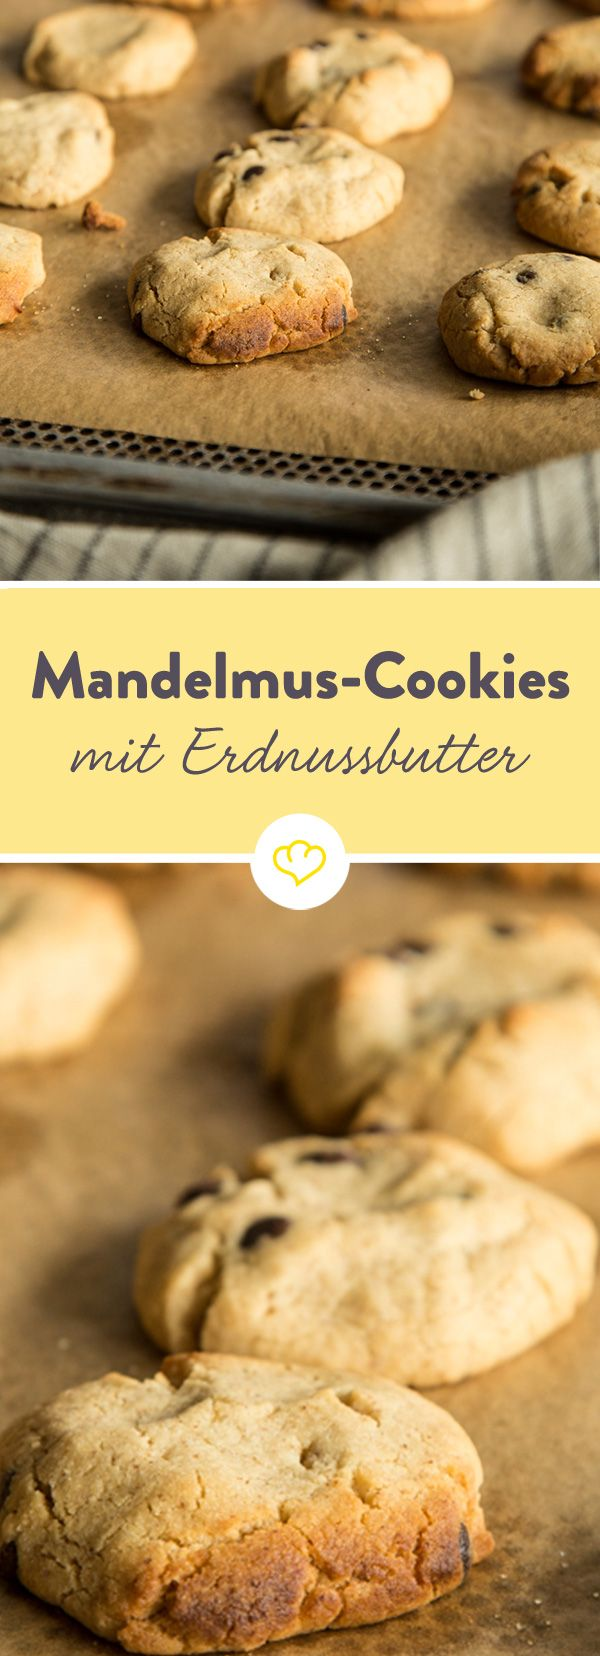 Cookies wie im Coffeeshop - nur noch besser. Mit Erdnussbutter und Mandelmus verfeinert. Und von Schokolade getoppt. Mandelmus-Cookie-Liebe hoch drei quasi.